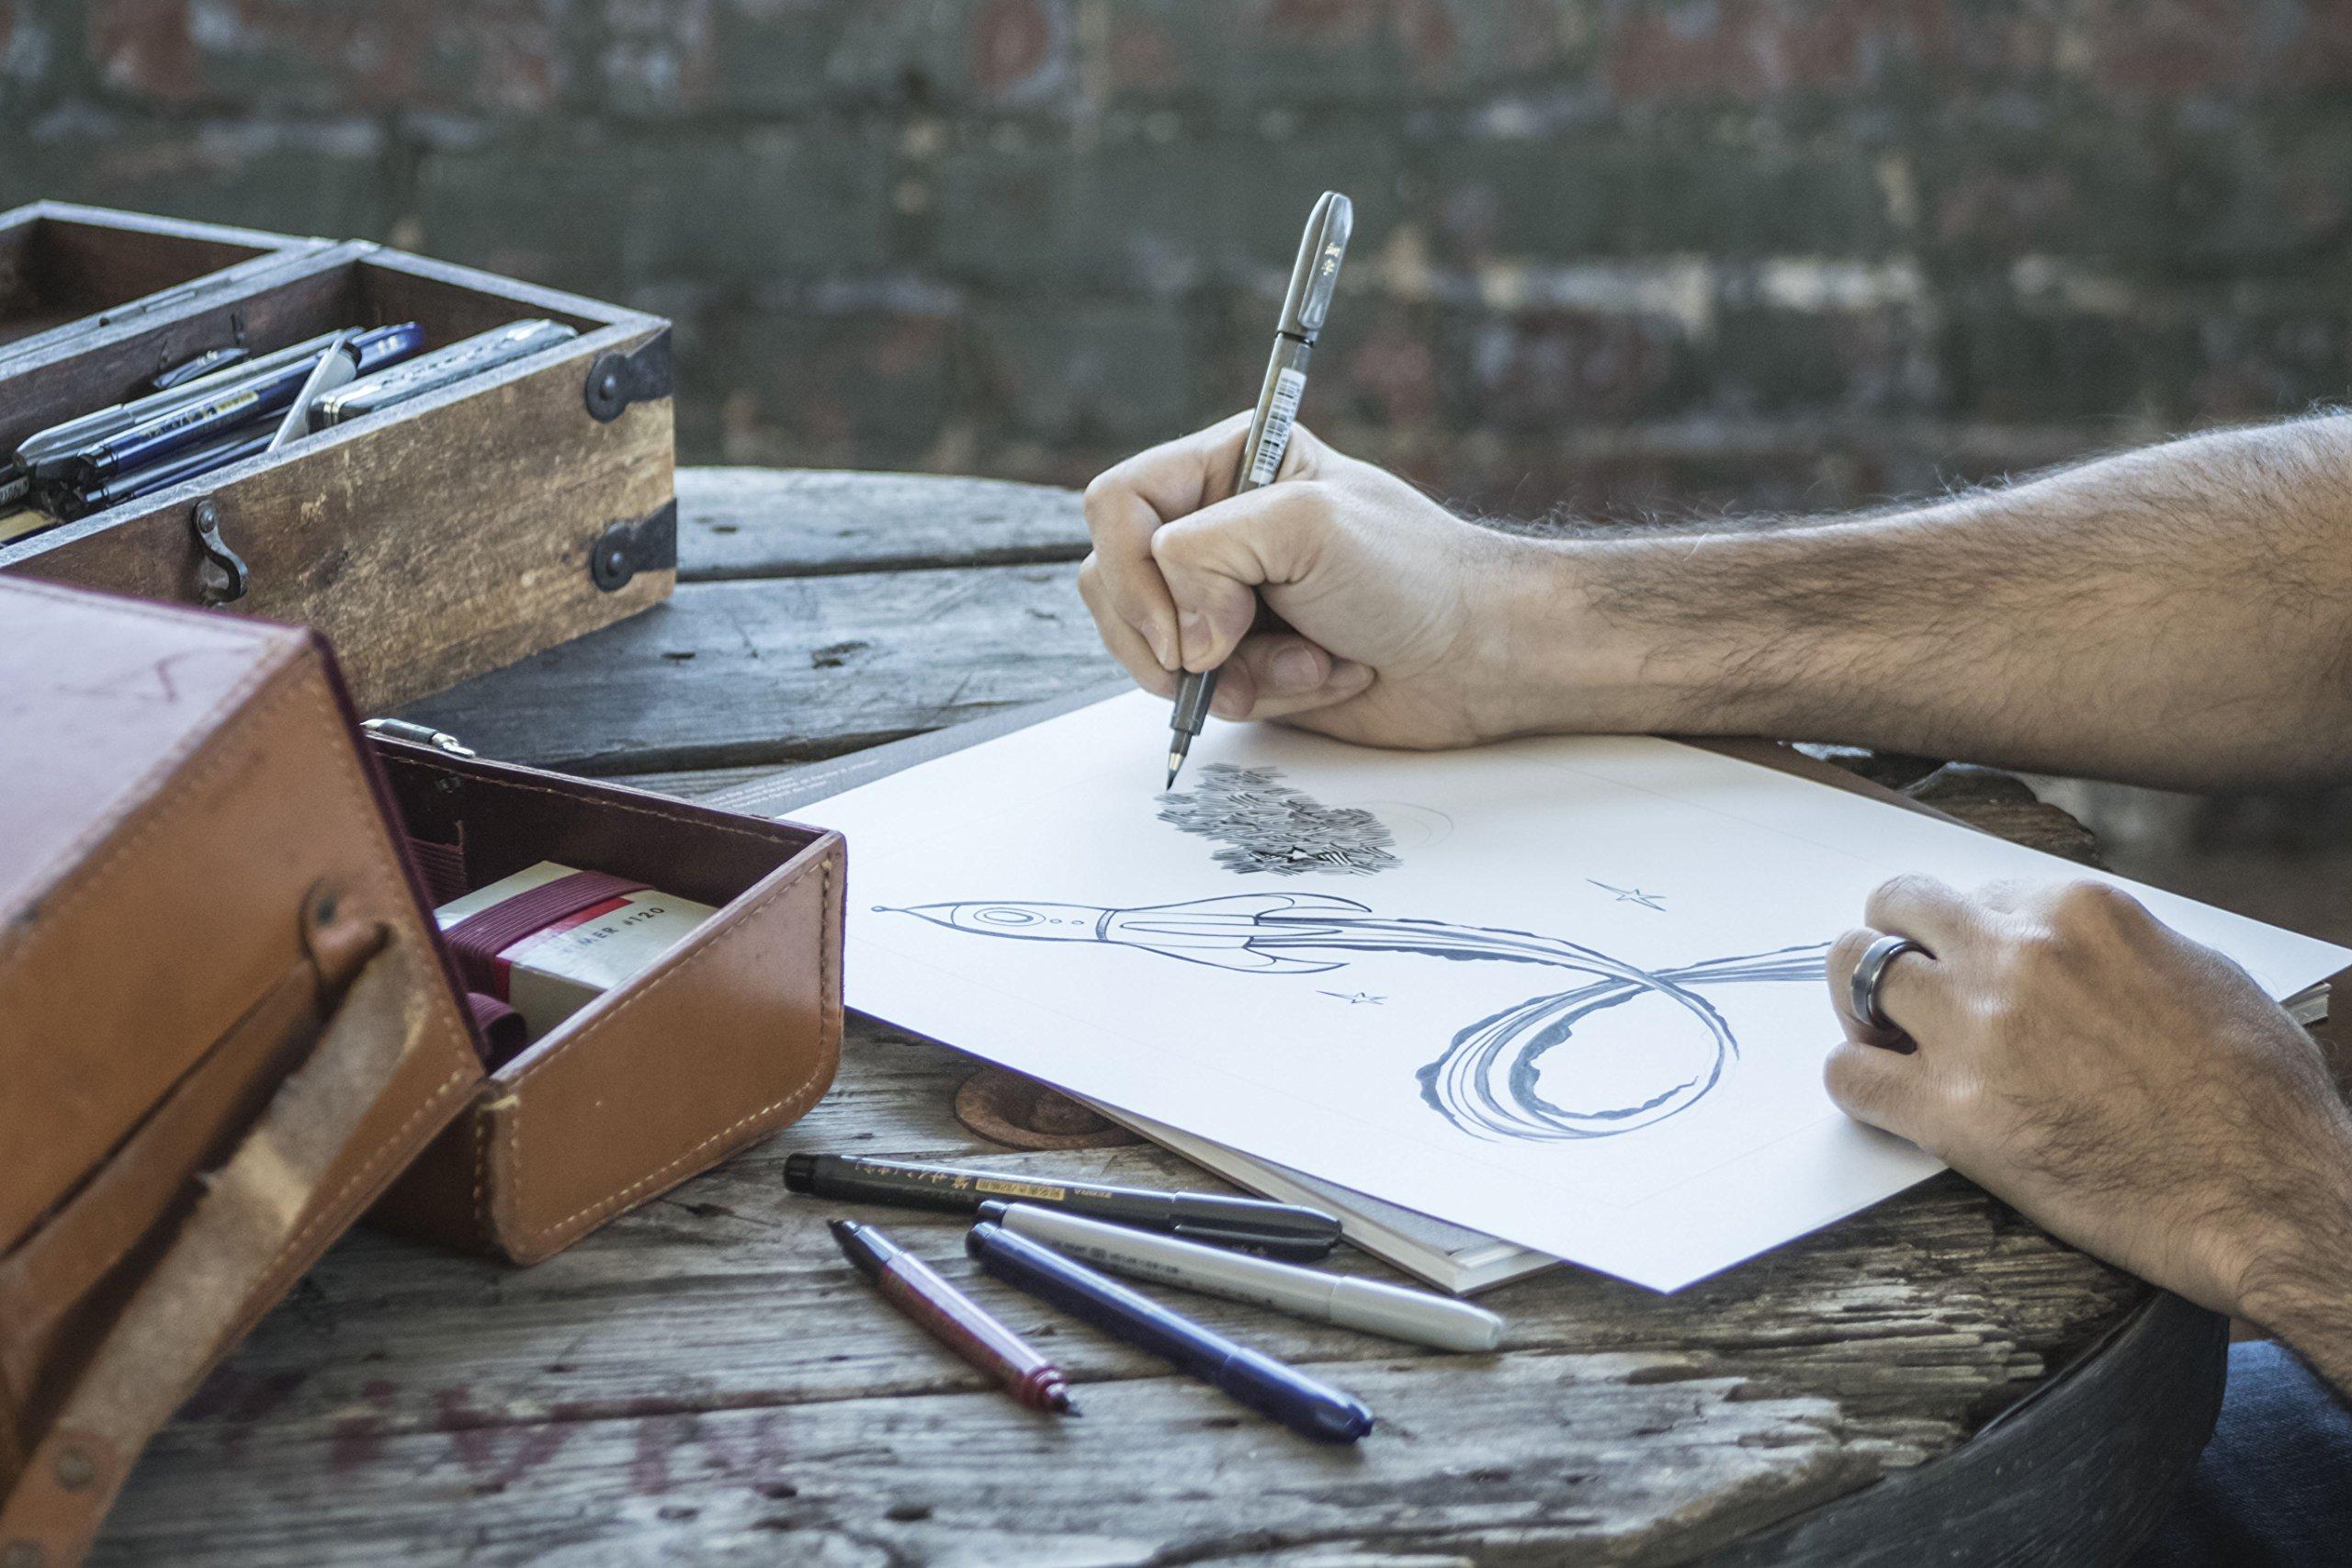 Zebra Zensations Brush Pen, Brush Tip, Black, Water-Resistant Ink, 1-Count by Zebra Pen (Image #4)